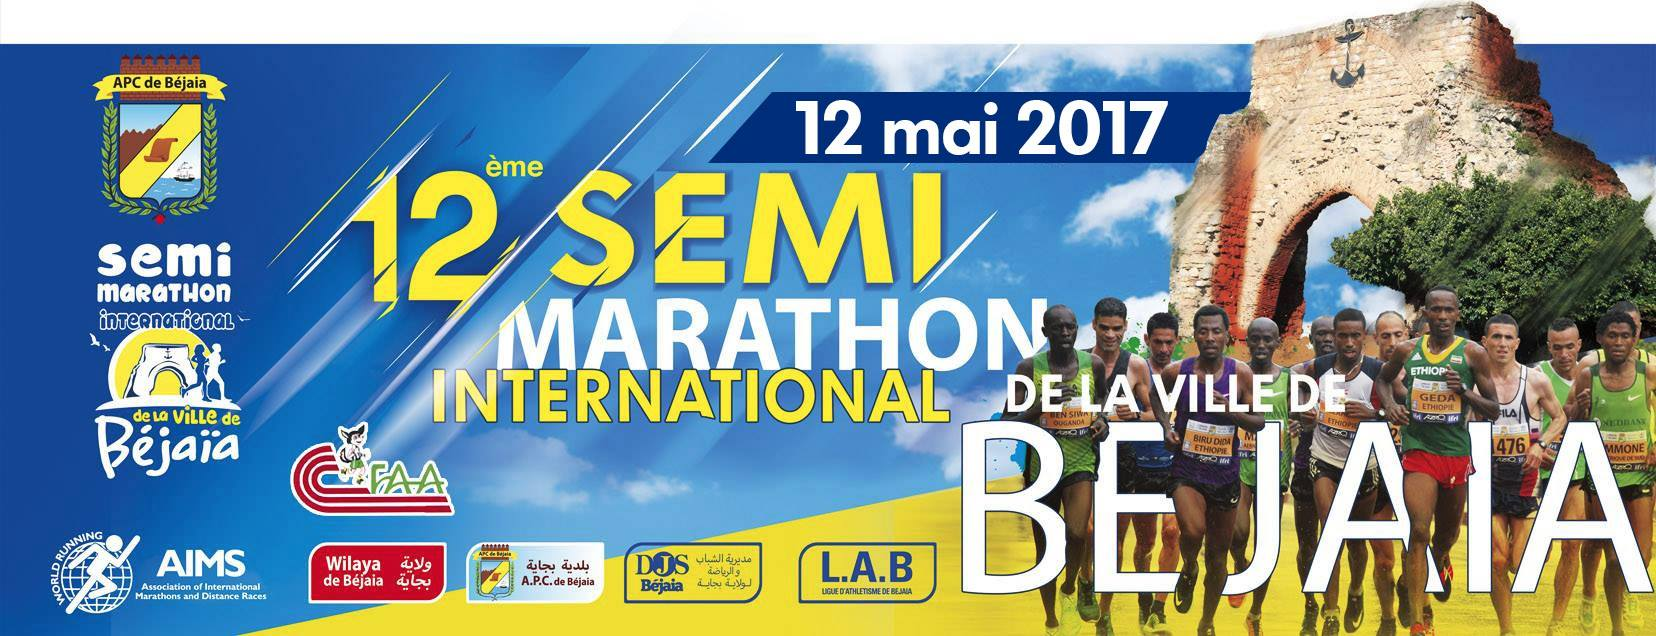 Bejaia half-marathon (Algeria) 12/05/2017